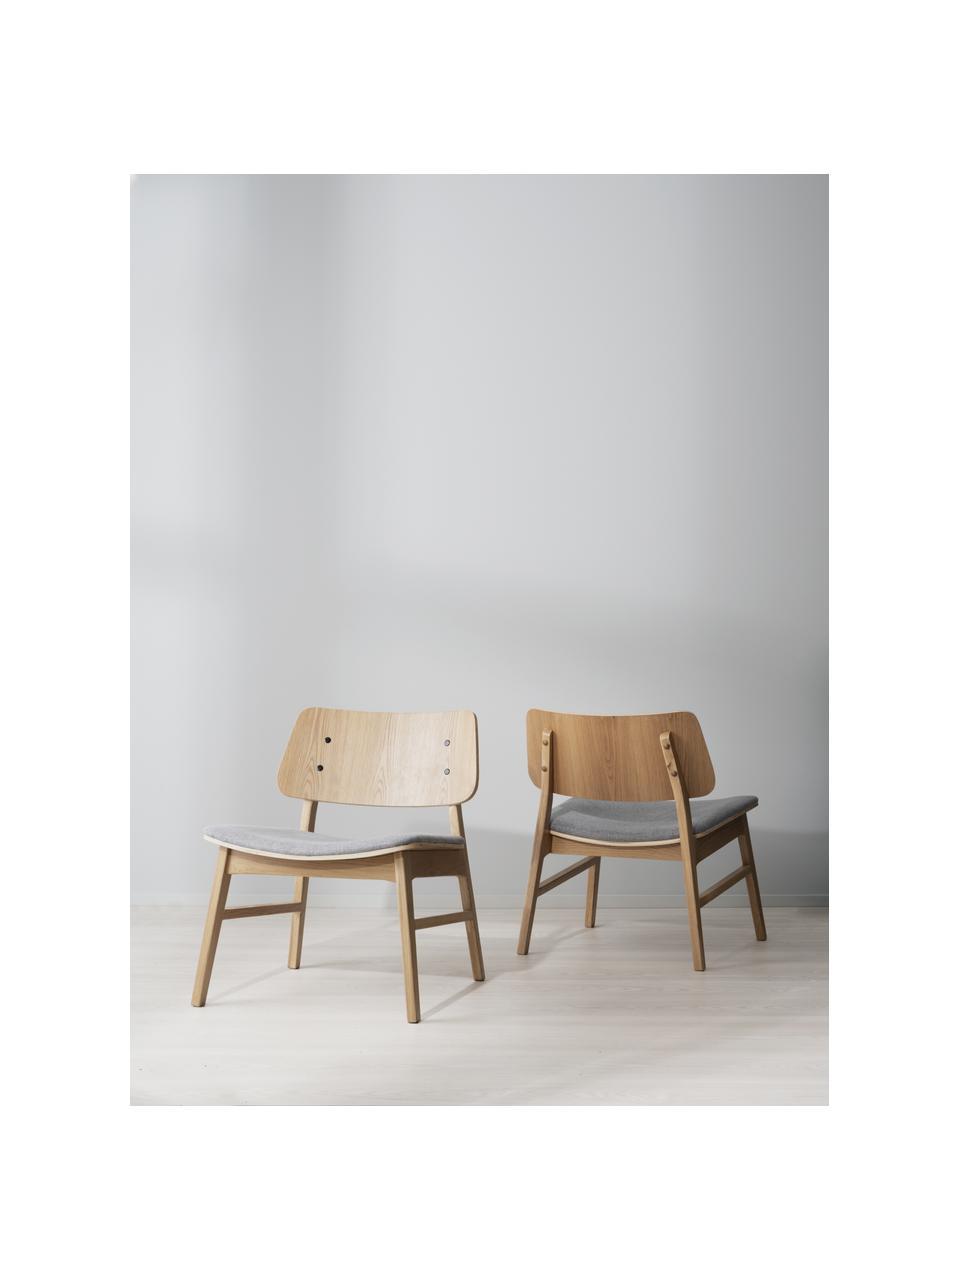 Eikenhouten loungefauteuil Nagano, Bekleding: 100% polyester, Lichtbruin, lichtgrijs, 57 x 50 cm